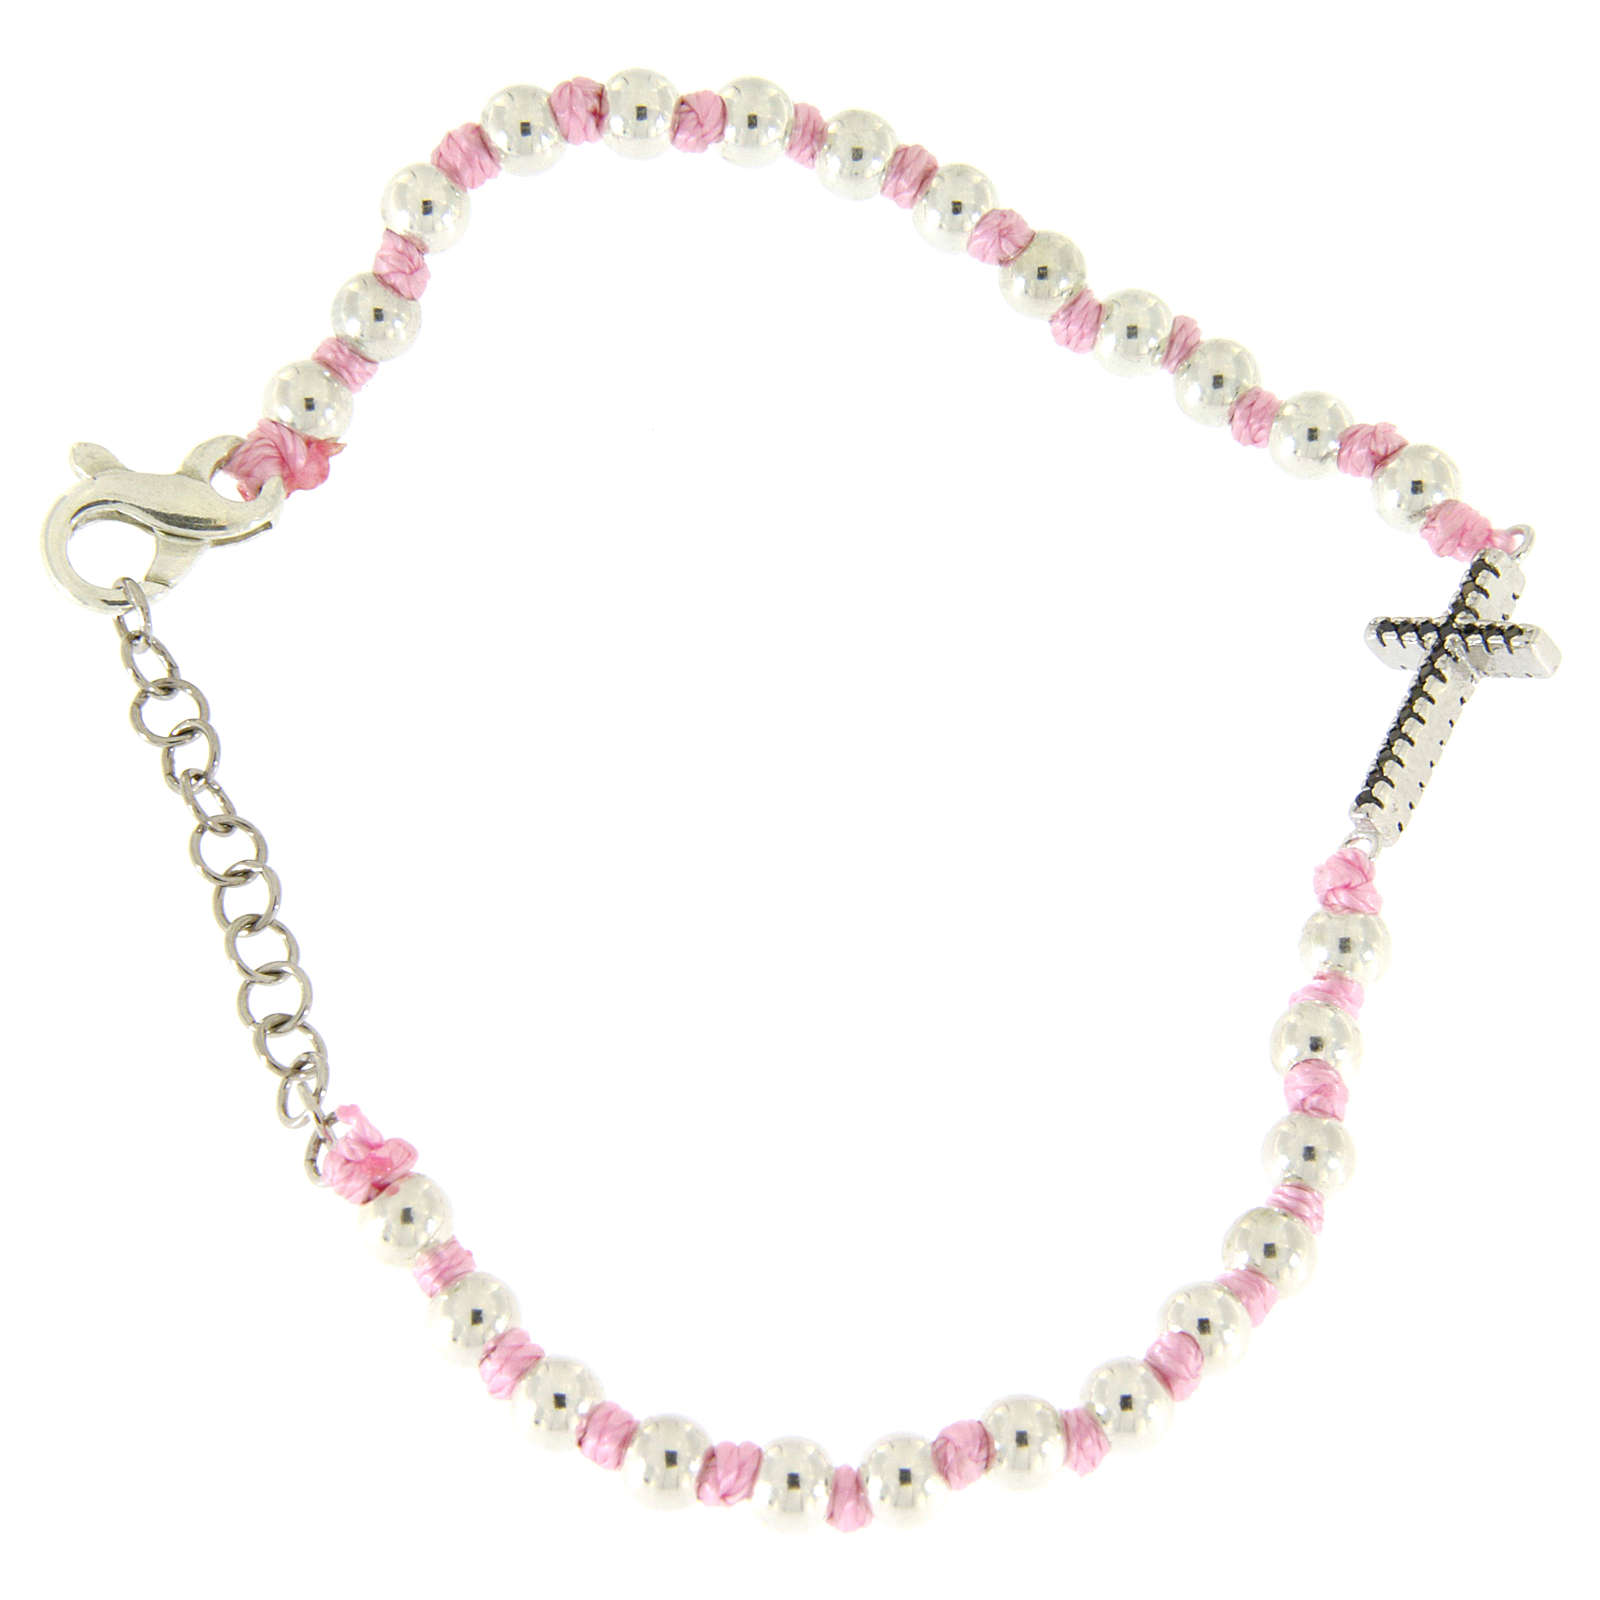 Bracciale croce argento e zirconi neri, sfere 3 mm in cordina di cotone rosa 4